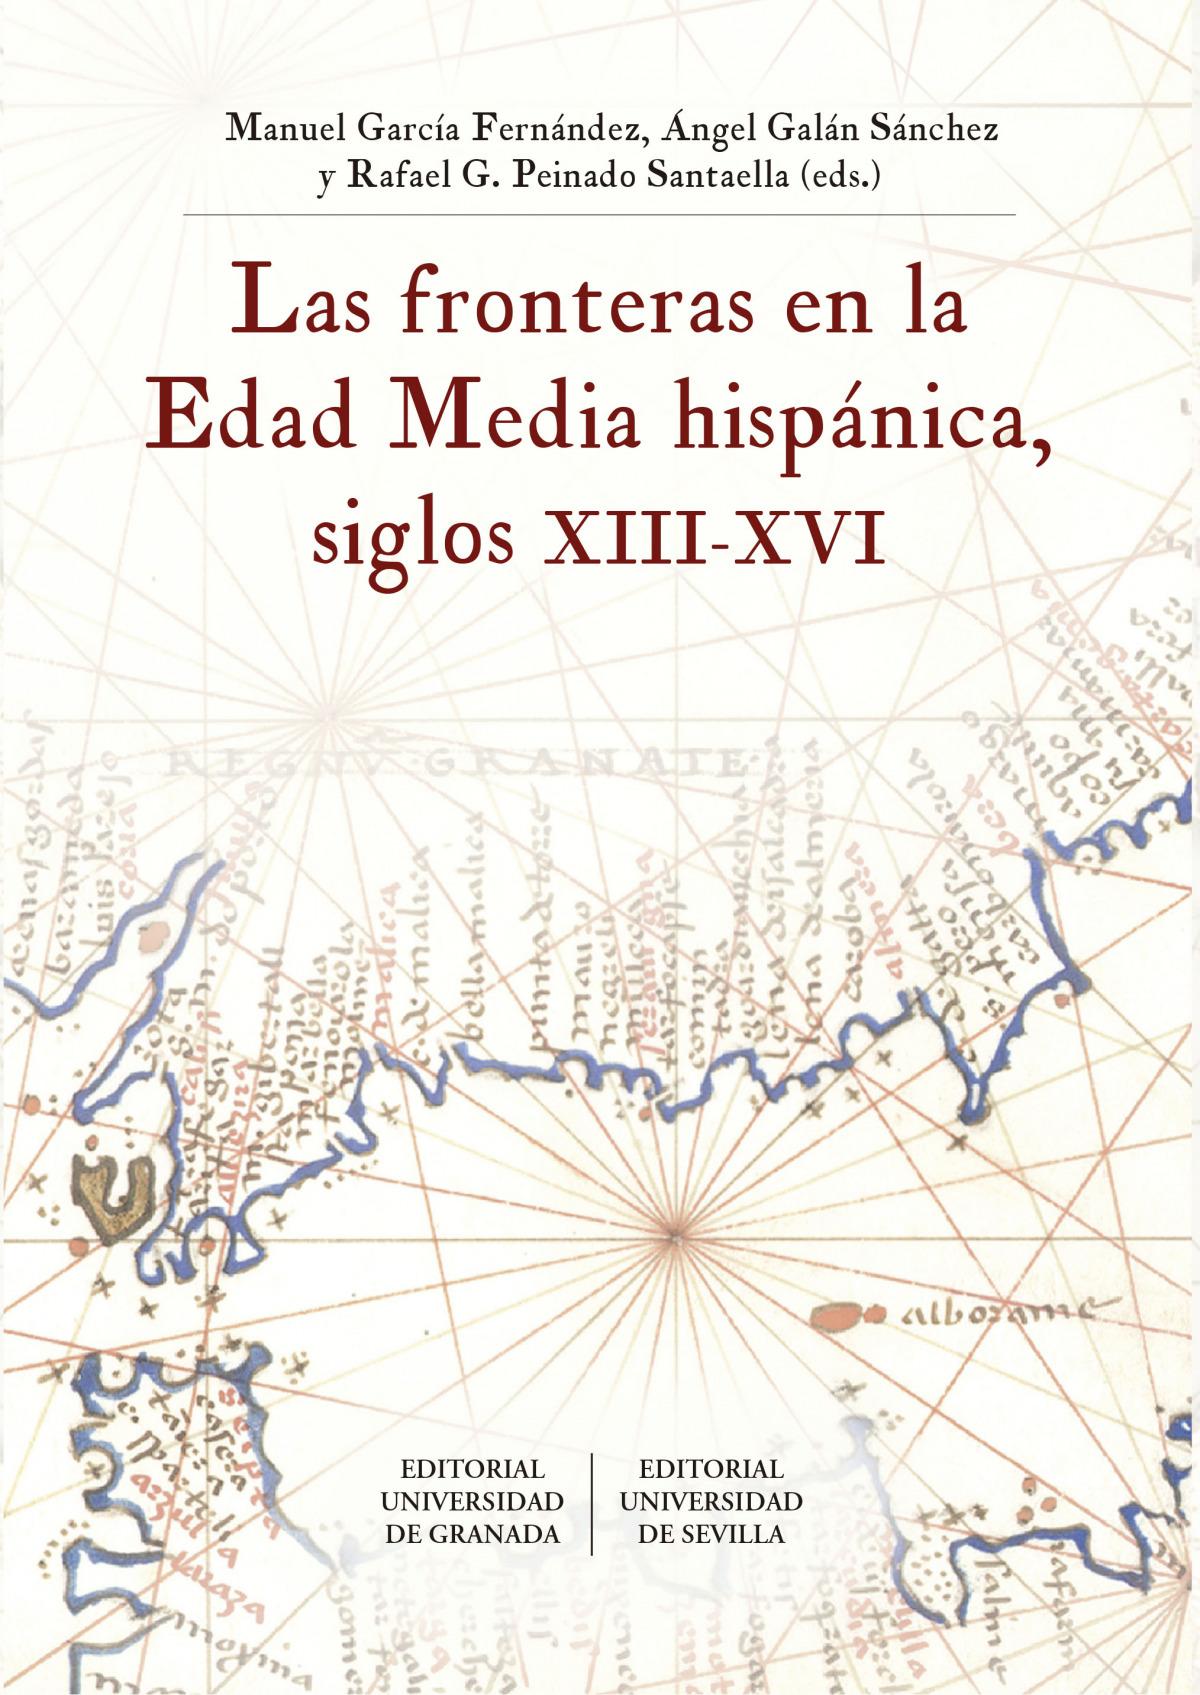 Las fronteras en la Edad Media hispánica, siglos XIII-XVI 9788433864895